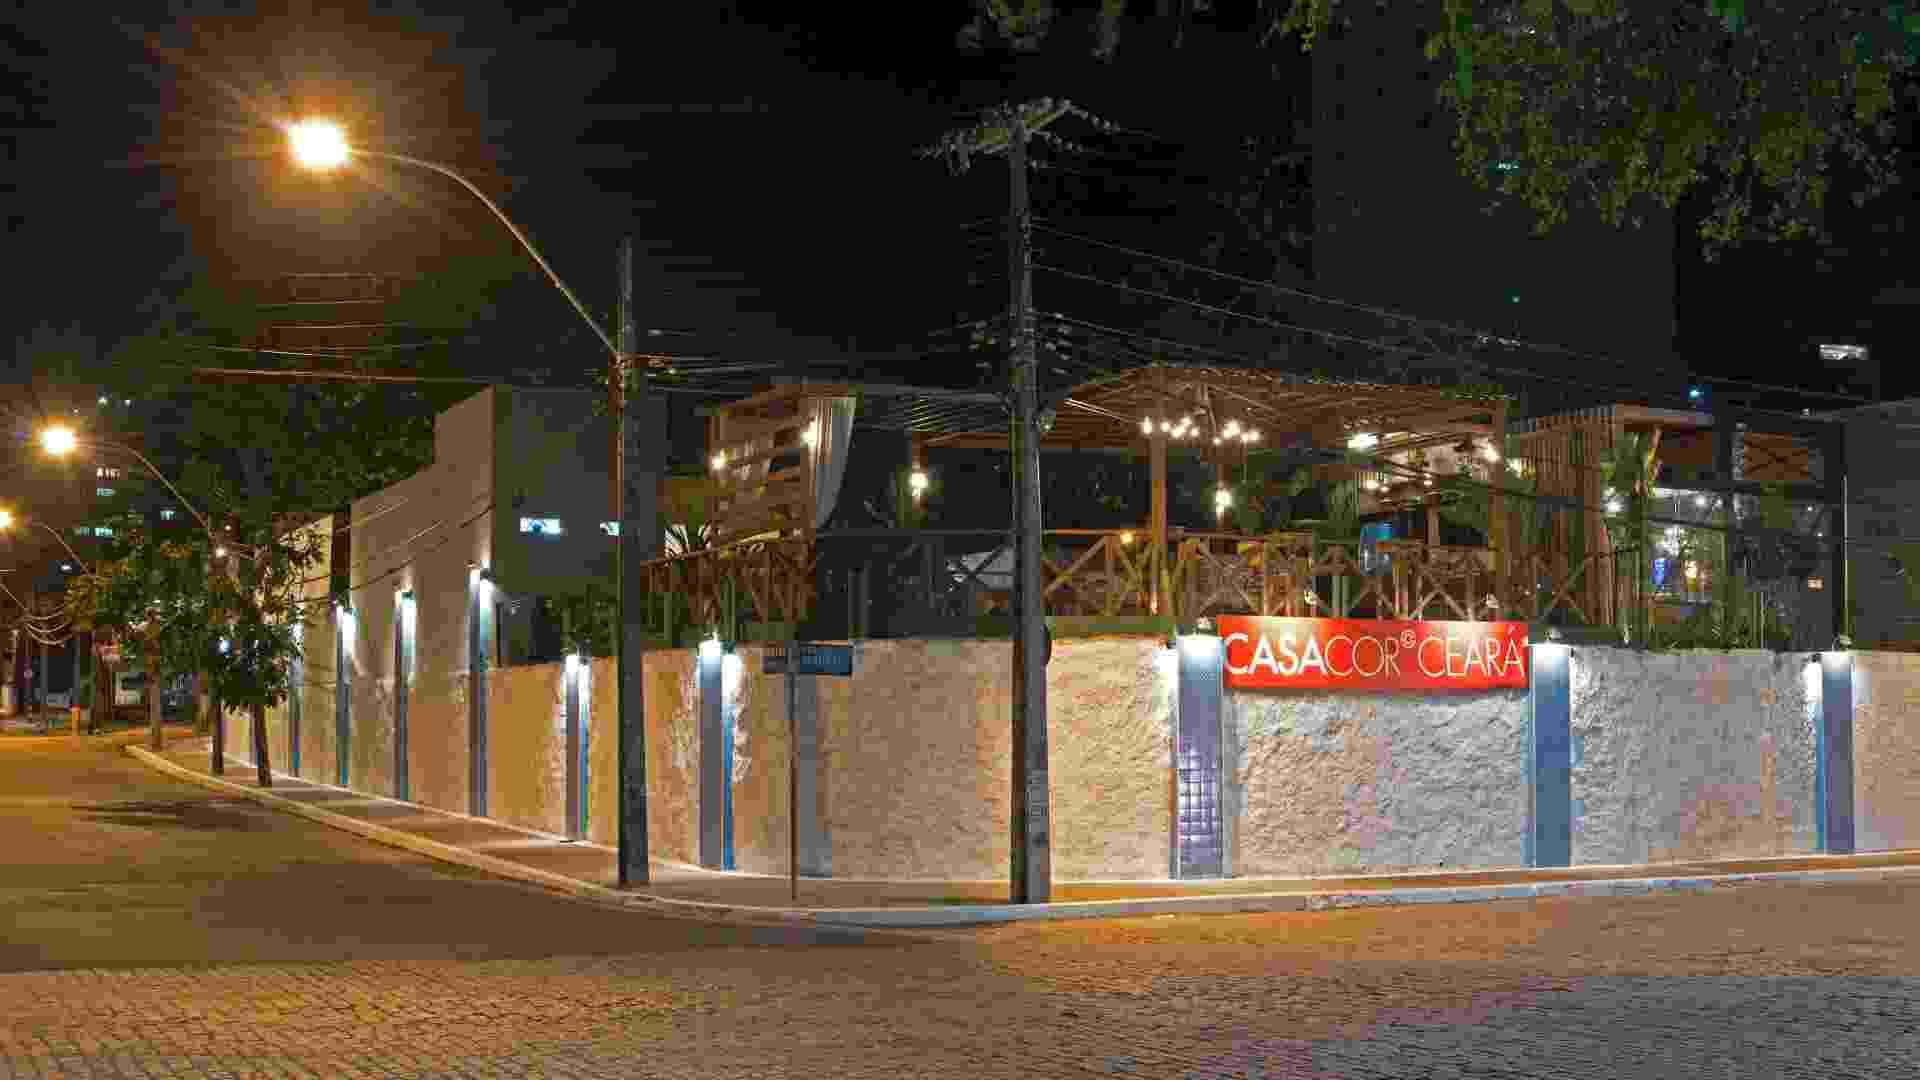 Fachada Externa criada pelo designer Pedro Esdras para a 14ª Casa Cor CE, que segue até dia 20 de novembro de 2012, na Praça Portugal, em Fortaleza - Esdras Guimarães/ Divulgação